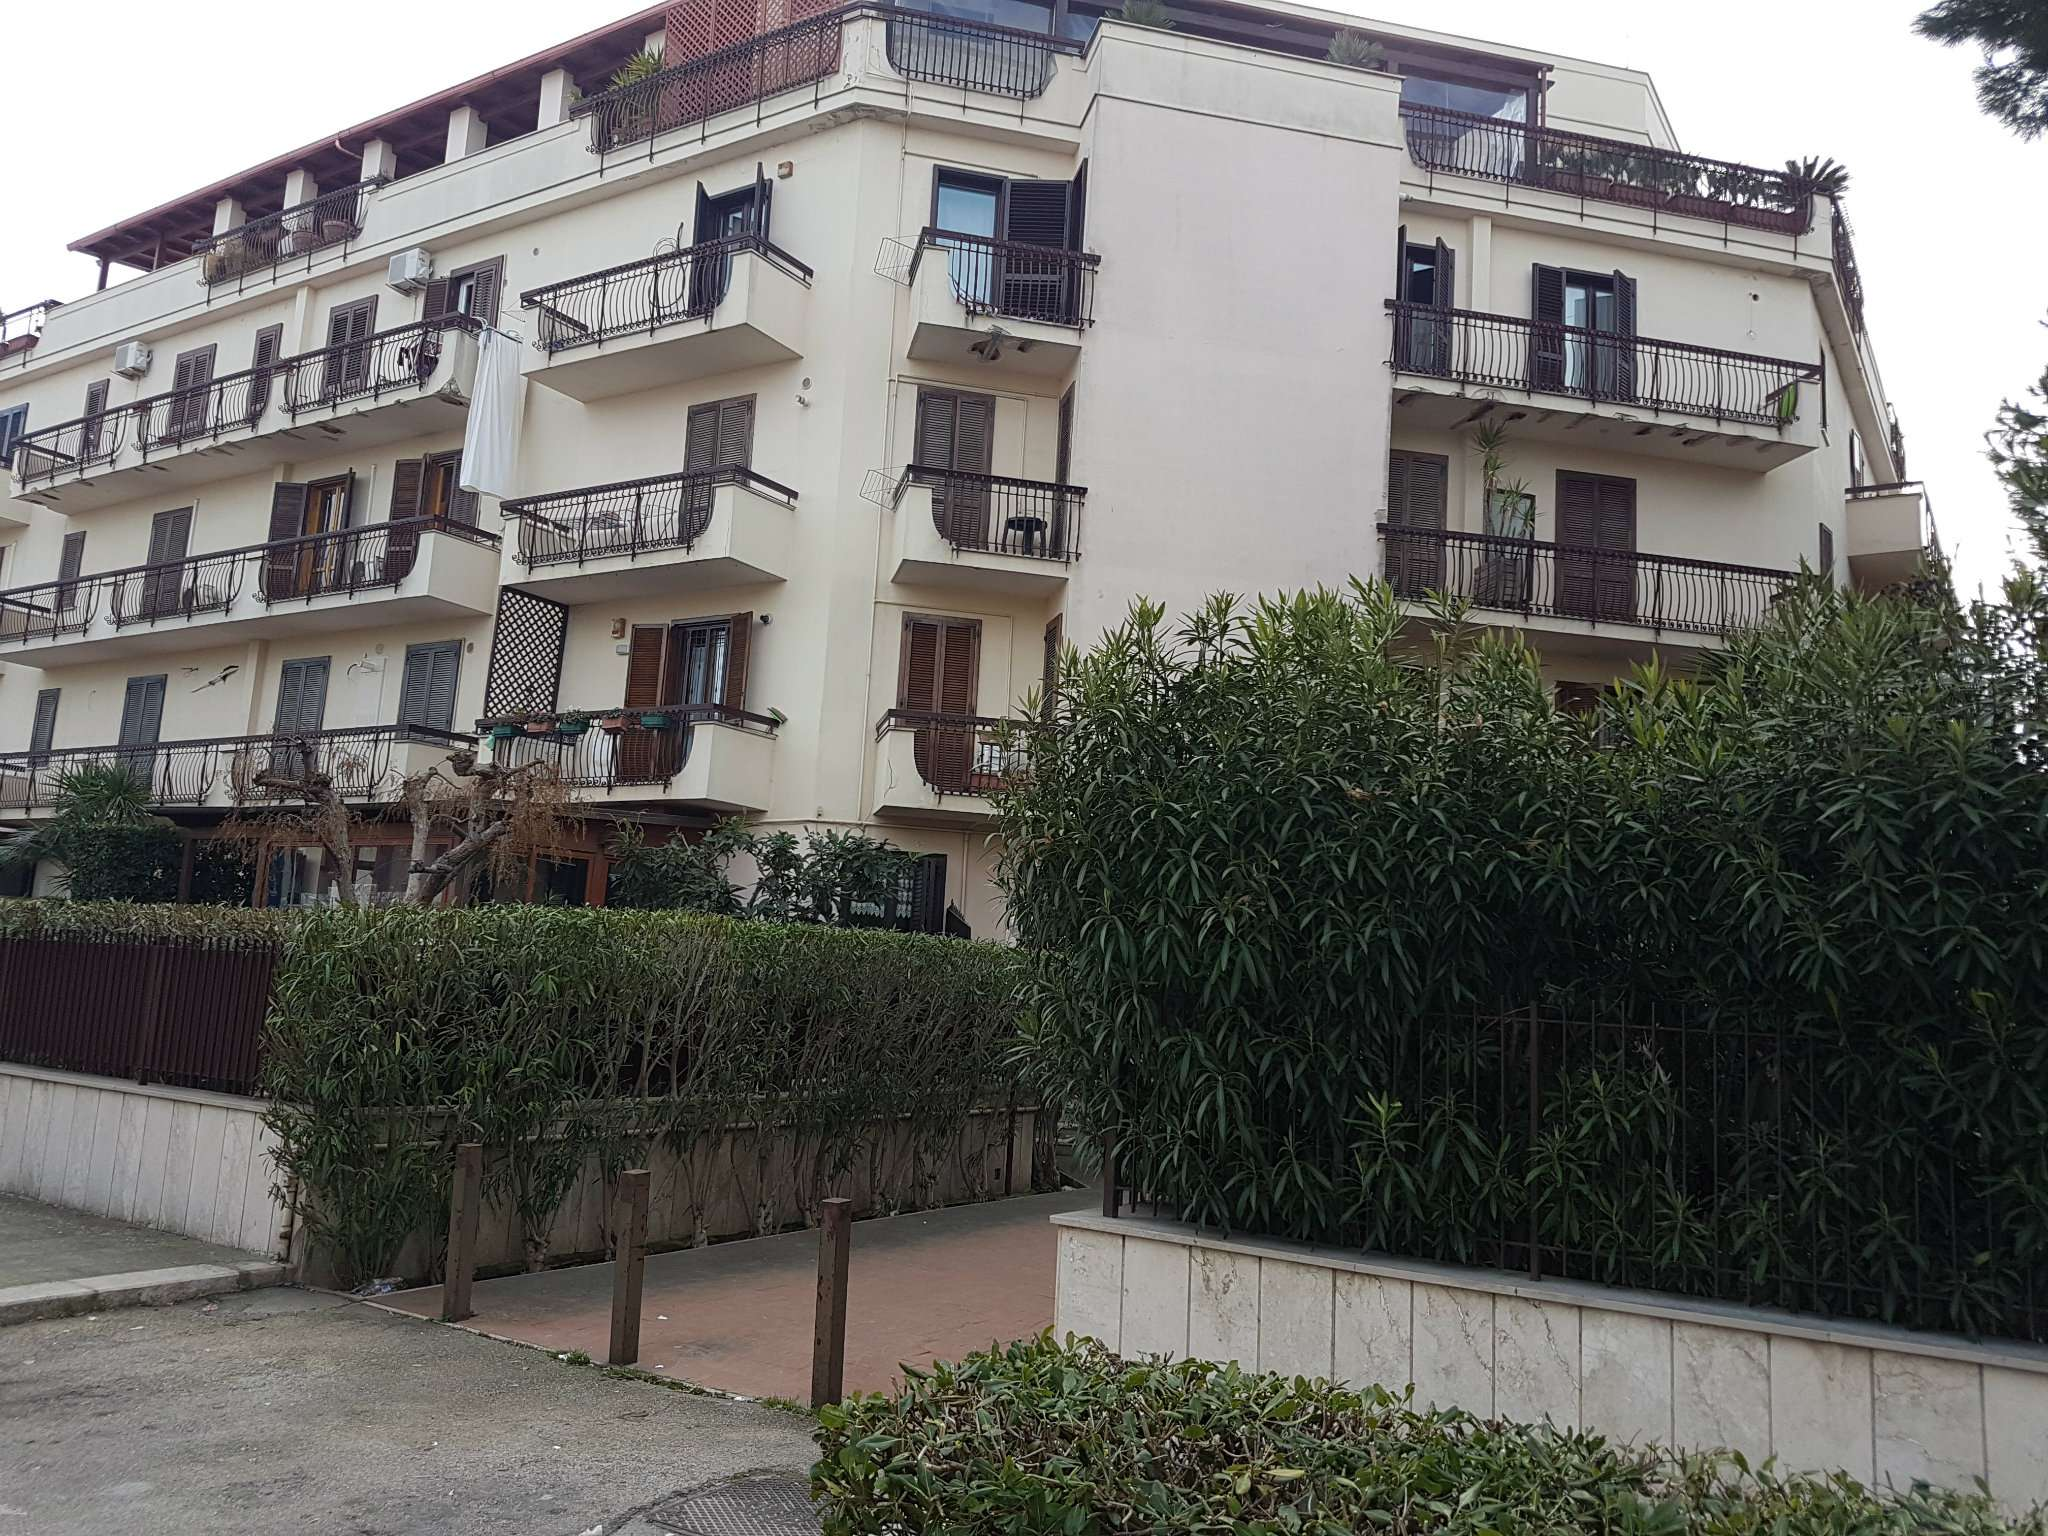 Appartamento in affitto a Trani, 2 locali, prezzo € 520 | Cambio Casa.it